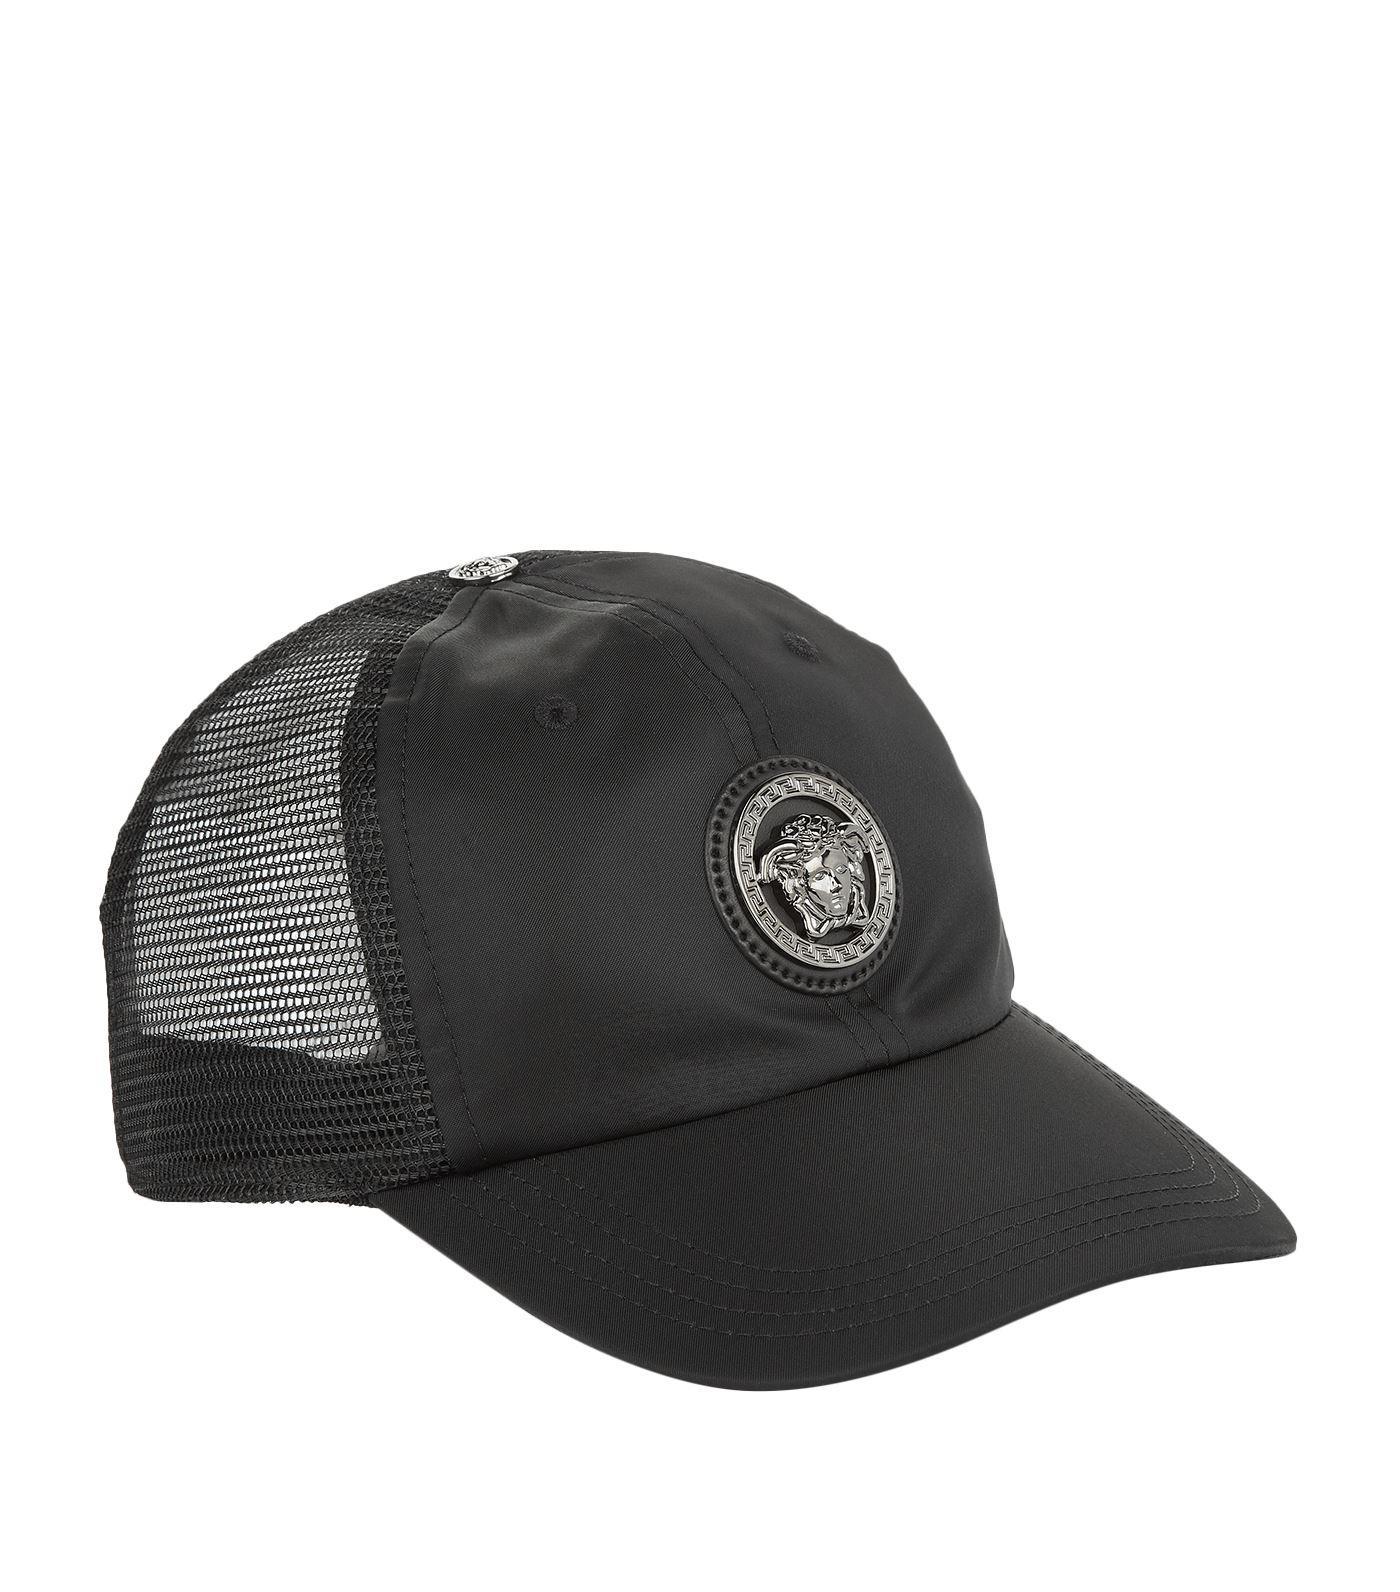 071d7d8f Versace Medusa Logo Baseball Cap in Black for Men - Lyst